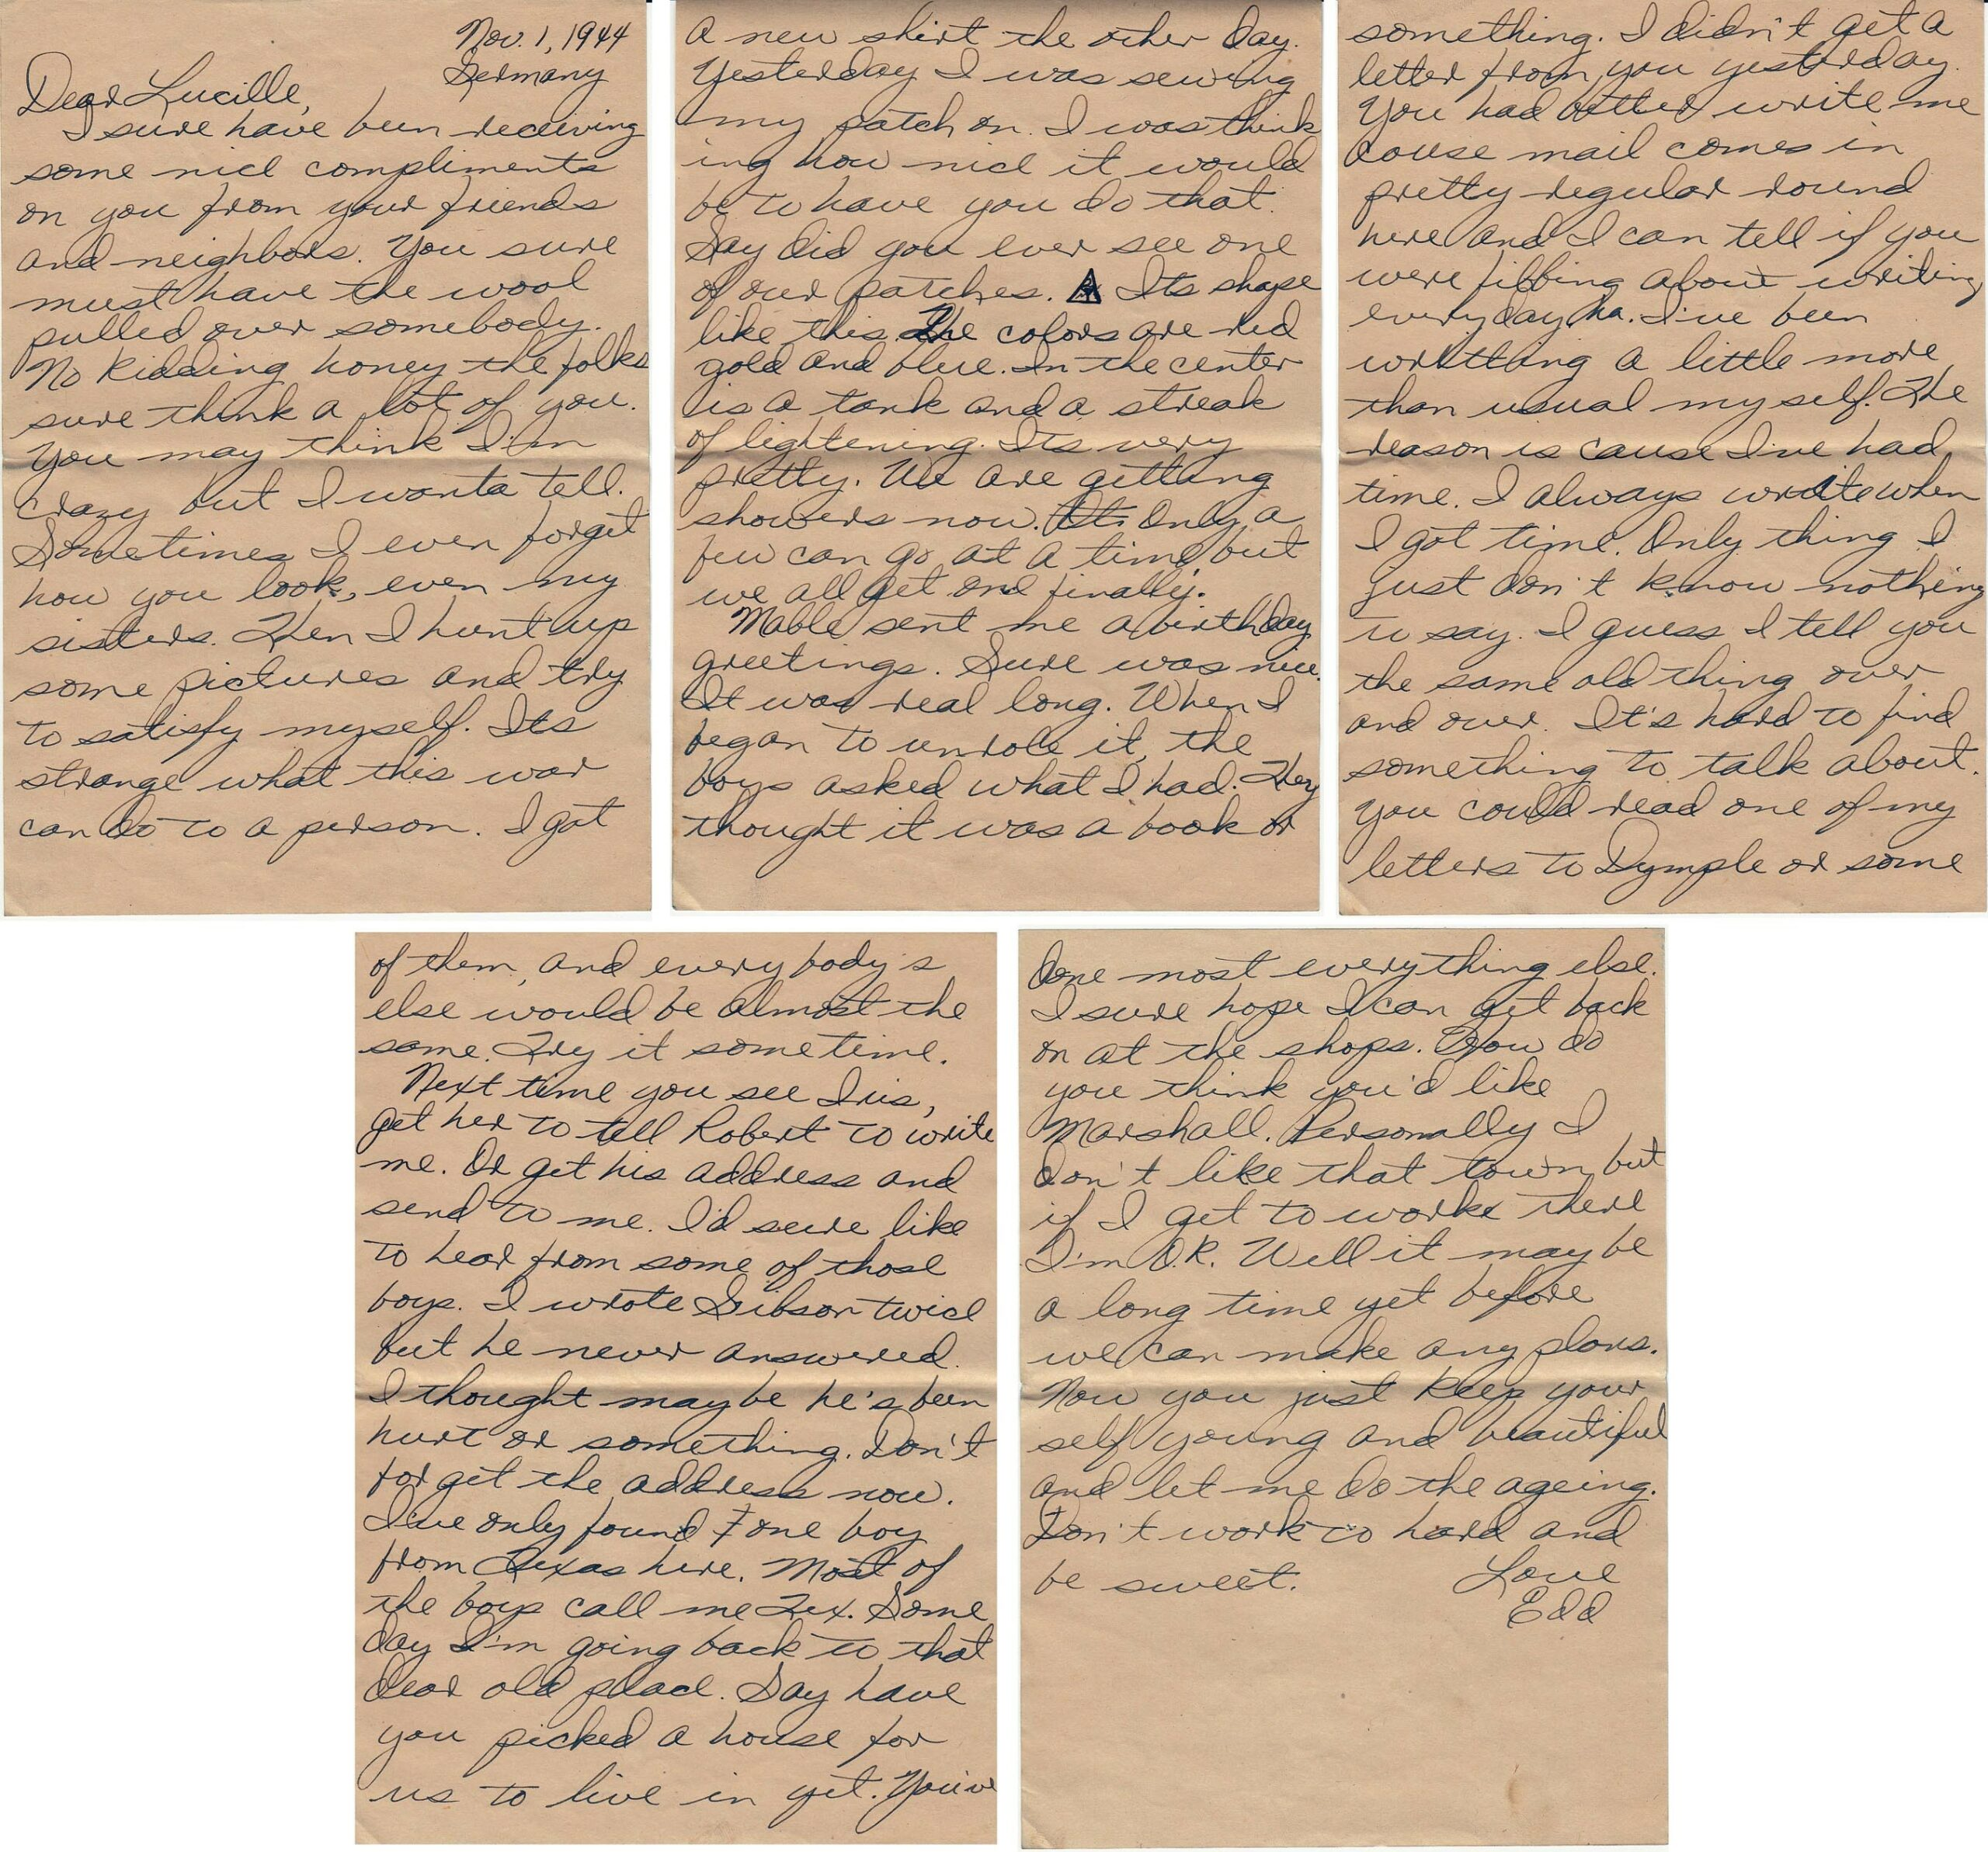 Letter 11.1.1944 (Courtesy Mark HIett)